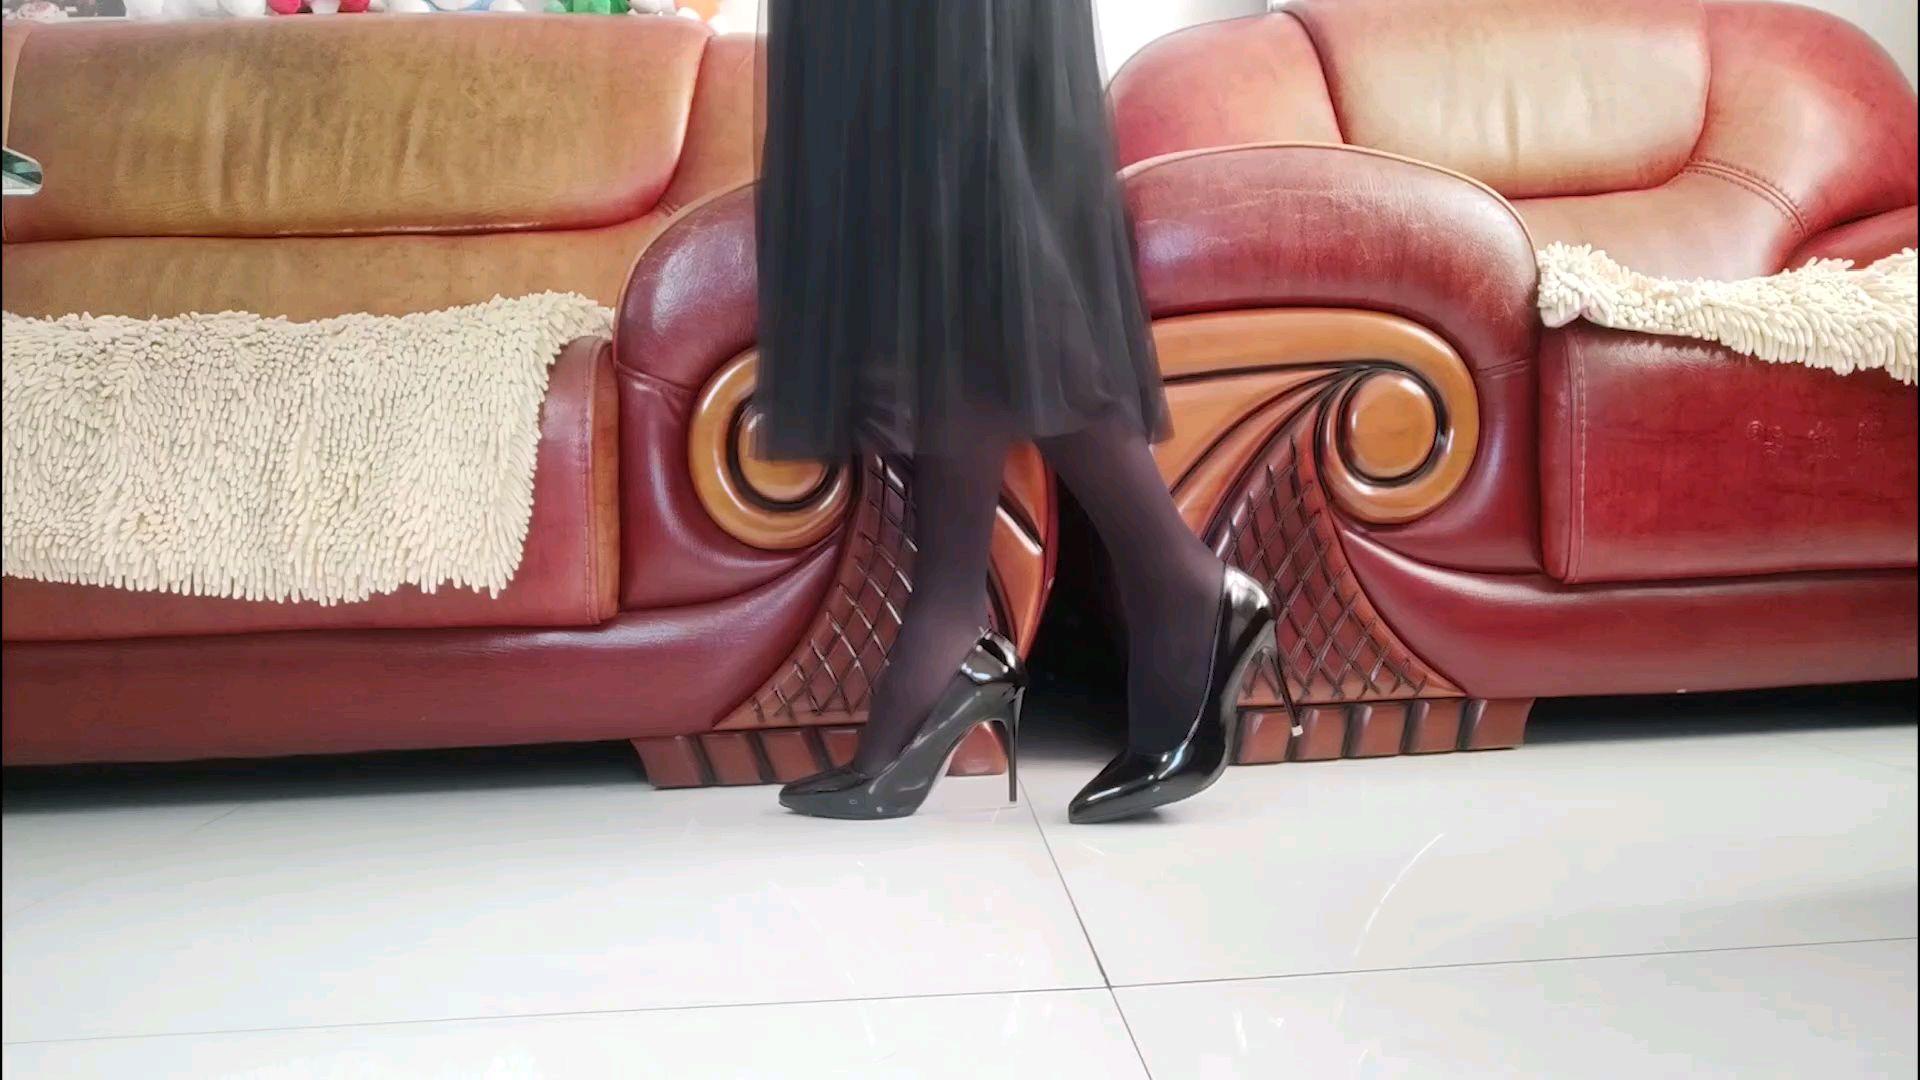 漆皮黑色高跟鞋 搭配 黑色丝袜 78cm长裙